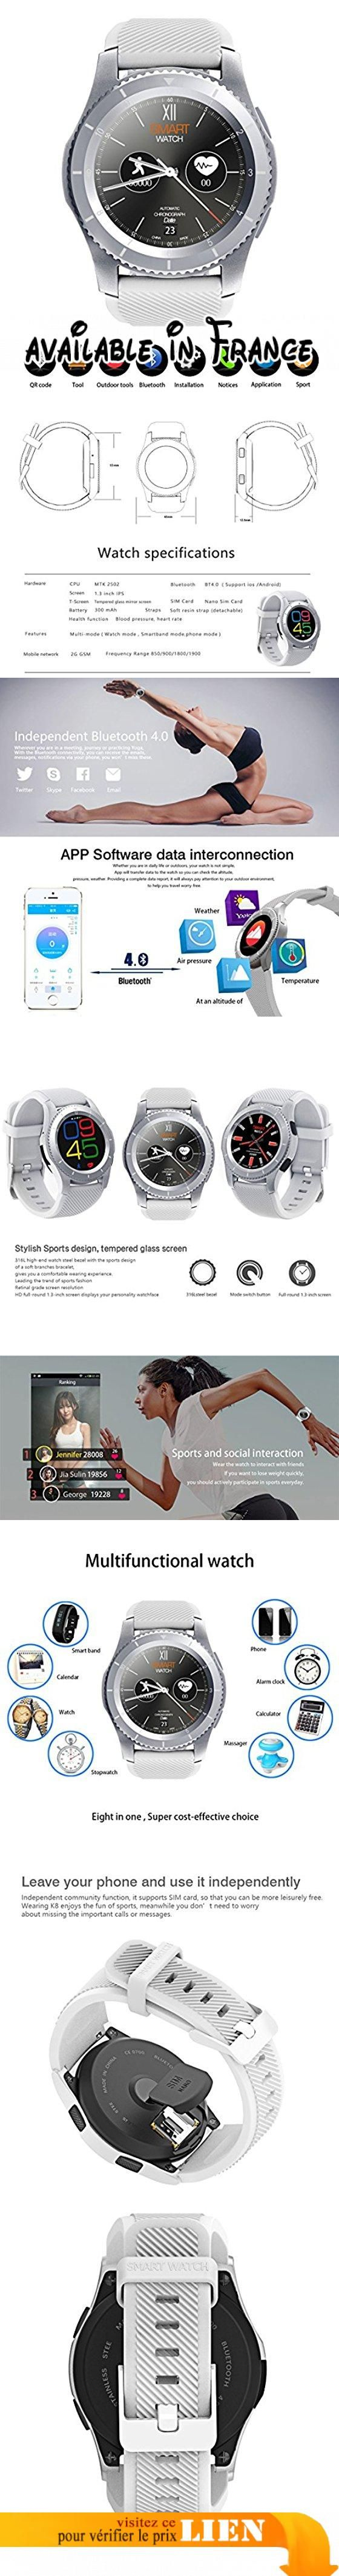 """Padgene Montre Connectée Bluetooth 4.0 Smartwatch Sport G-Sensor GPS Bracelet Connecté Cardiofréquencemètre Podomètre Supporte SIM Carte pour Android Samsung SONY HUAWEI WIKO iOS iPhone (Argent). CONFIGURATION AVANCÉE : Smartwatch avec la technologie Bluetooth 4.0 et Chip MTK2502, compatible avec Android smartphone et iOS iPhone; 1.3"""" IPS Écran tactile en verre tout rond, 240 * 240 en résolution; batterie à 300 mAh; 13.5mm cadran slim, designs variés et à la mode."""